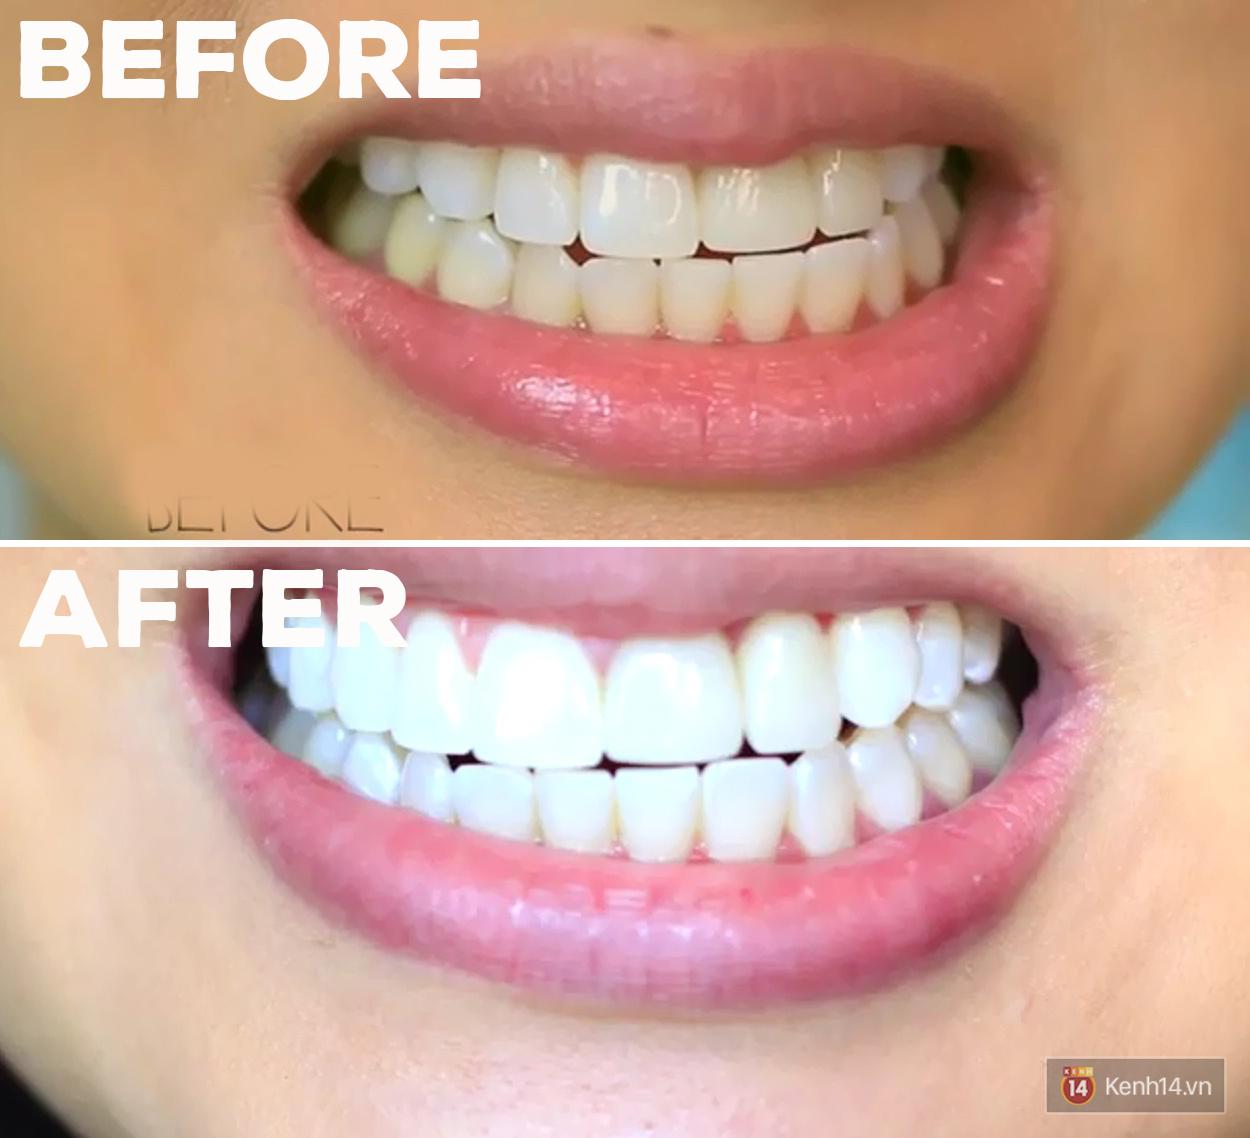 Các bạn trẻ trên thế giới đang dùng những phương pháp tẩy trắng răng gì? - Ảnh 7.